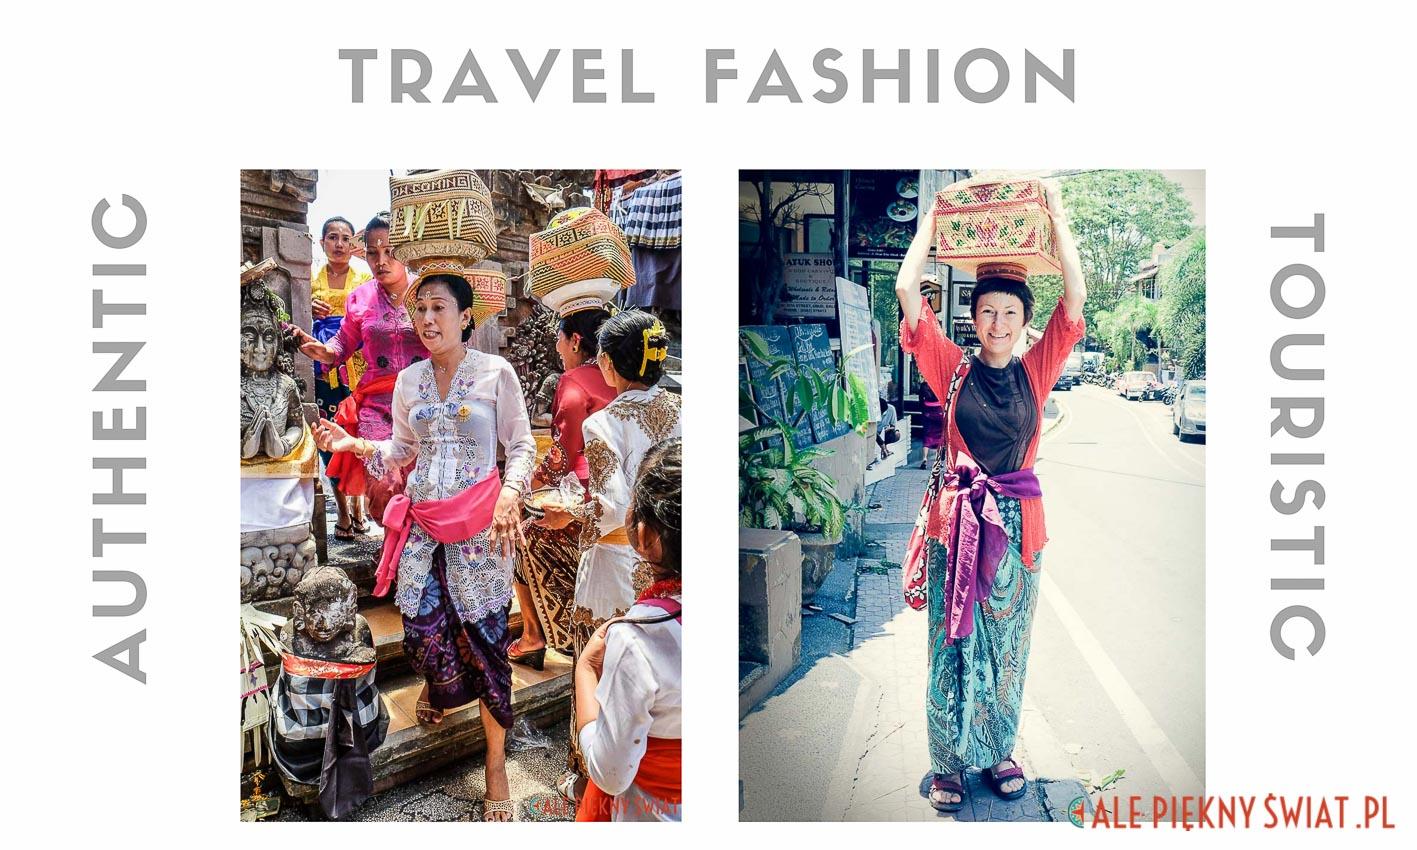 Travel fashion czyli jak się ubrać na wyjazd wakacyjny